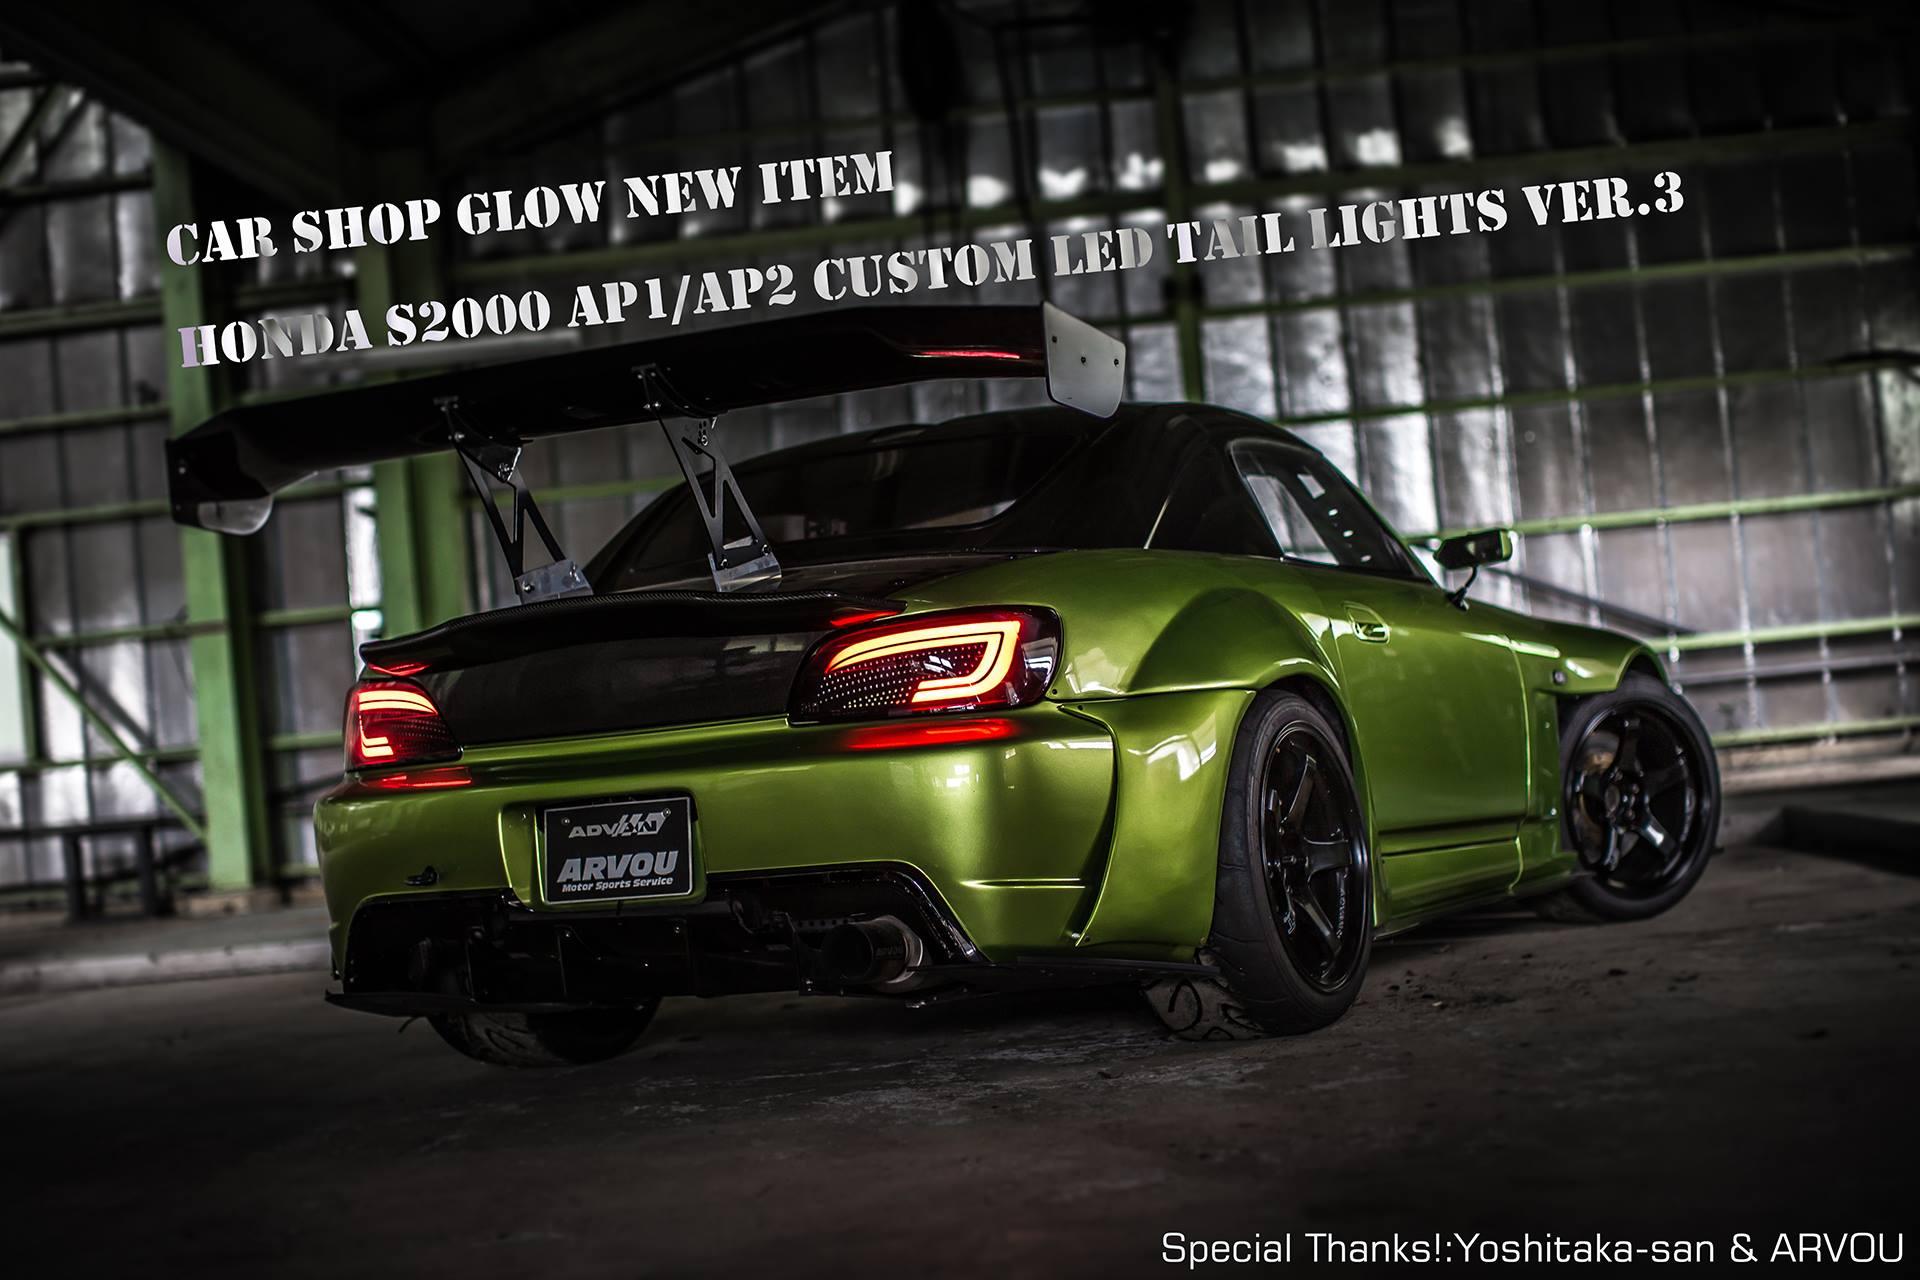 Car Shop Glow Honda S2000 Ap1 Ap2 Custom Led Tail Lights Ver 3